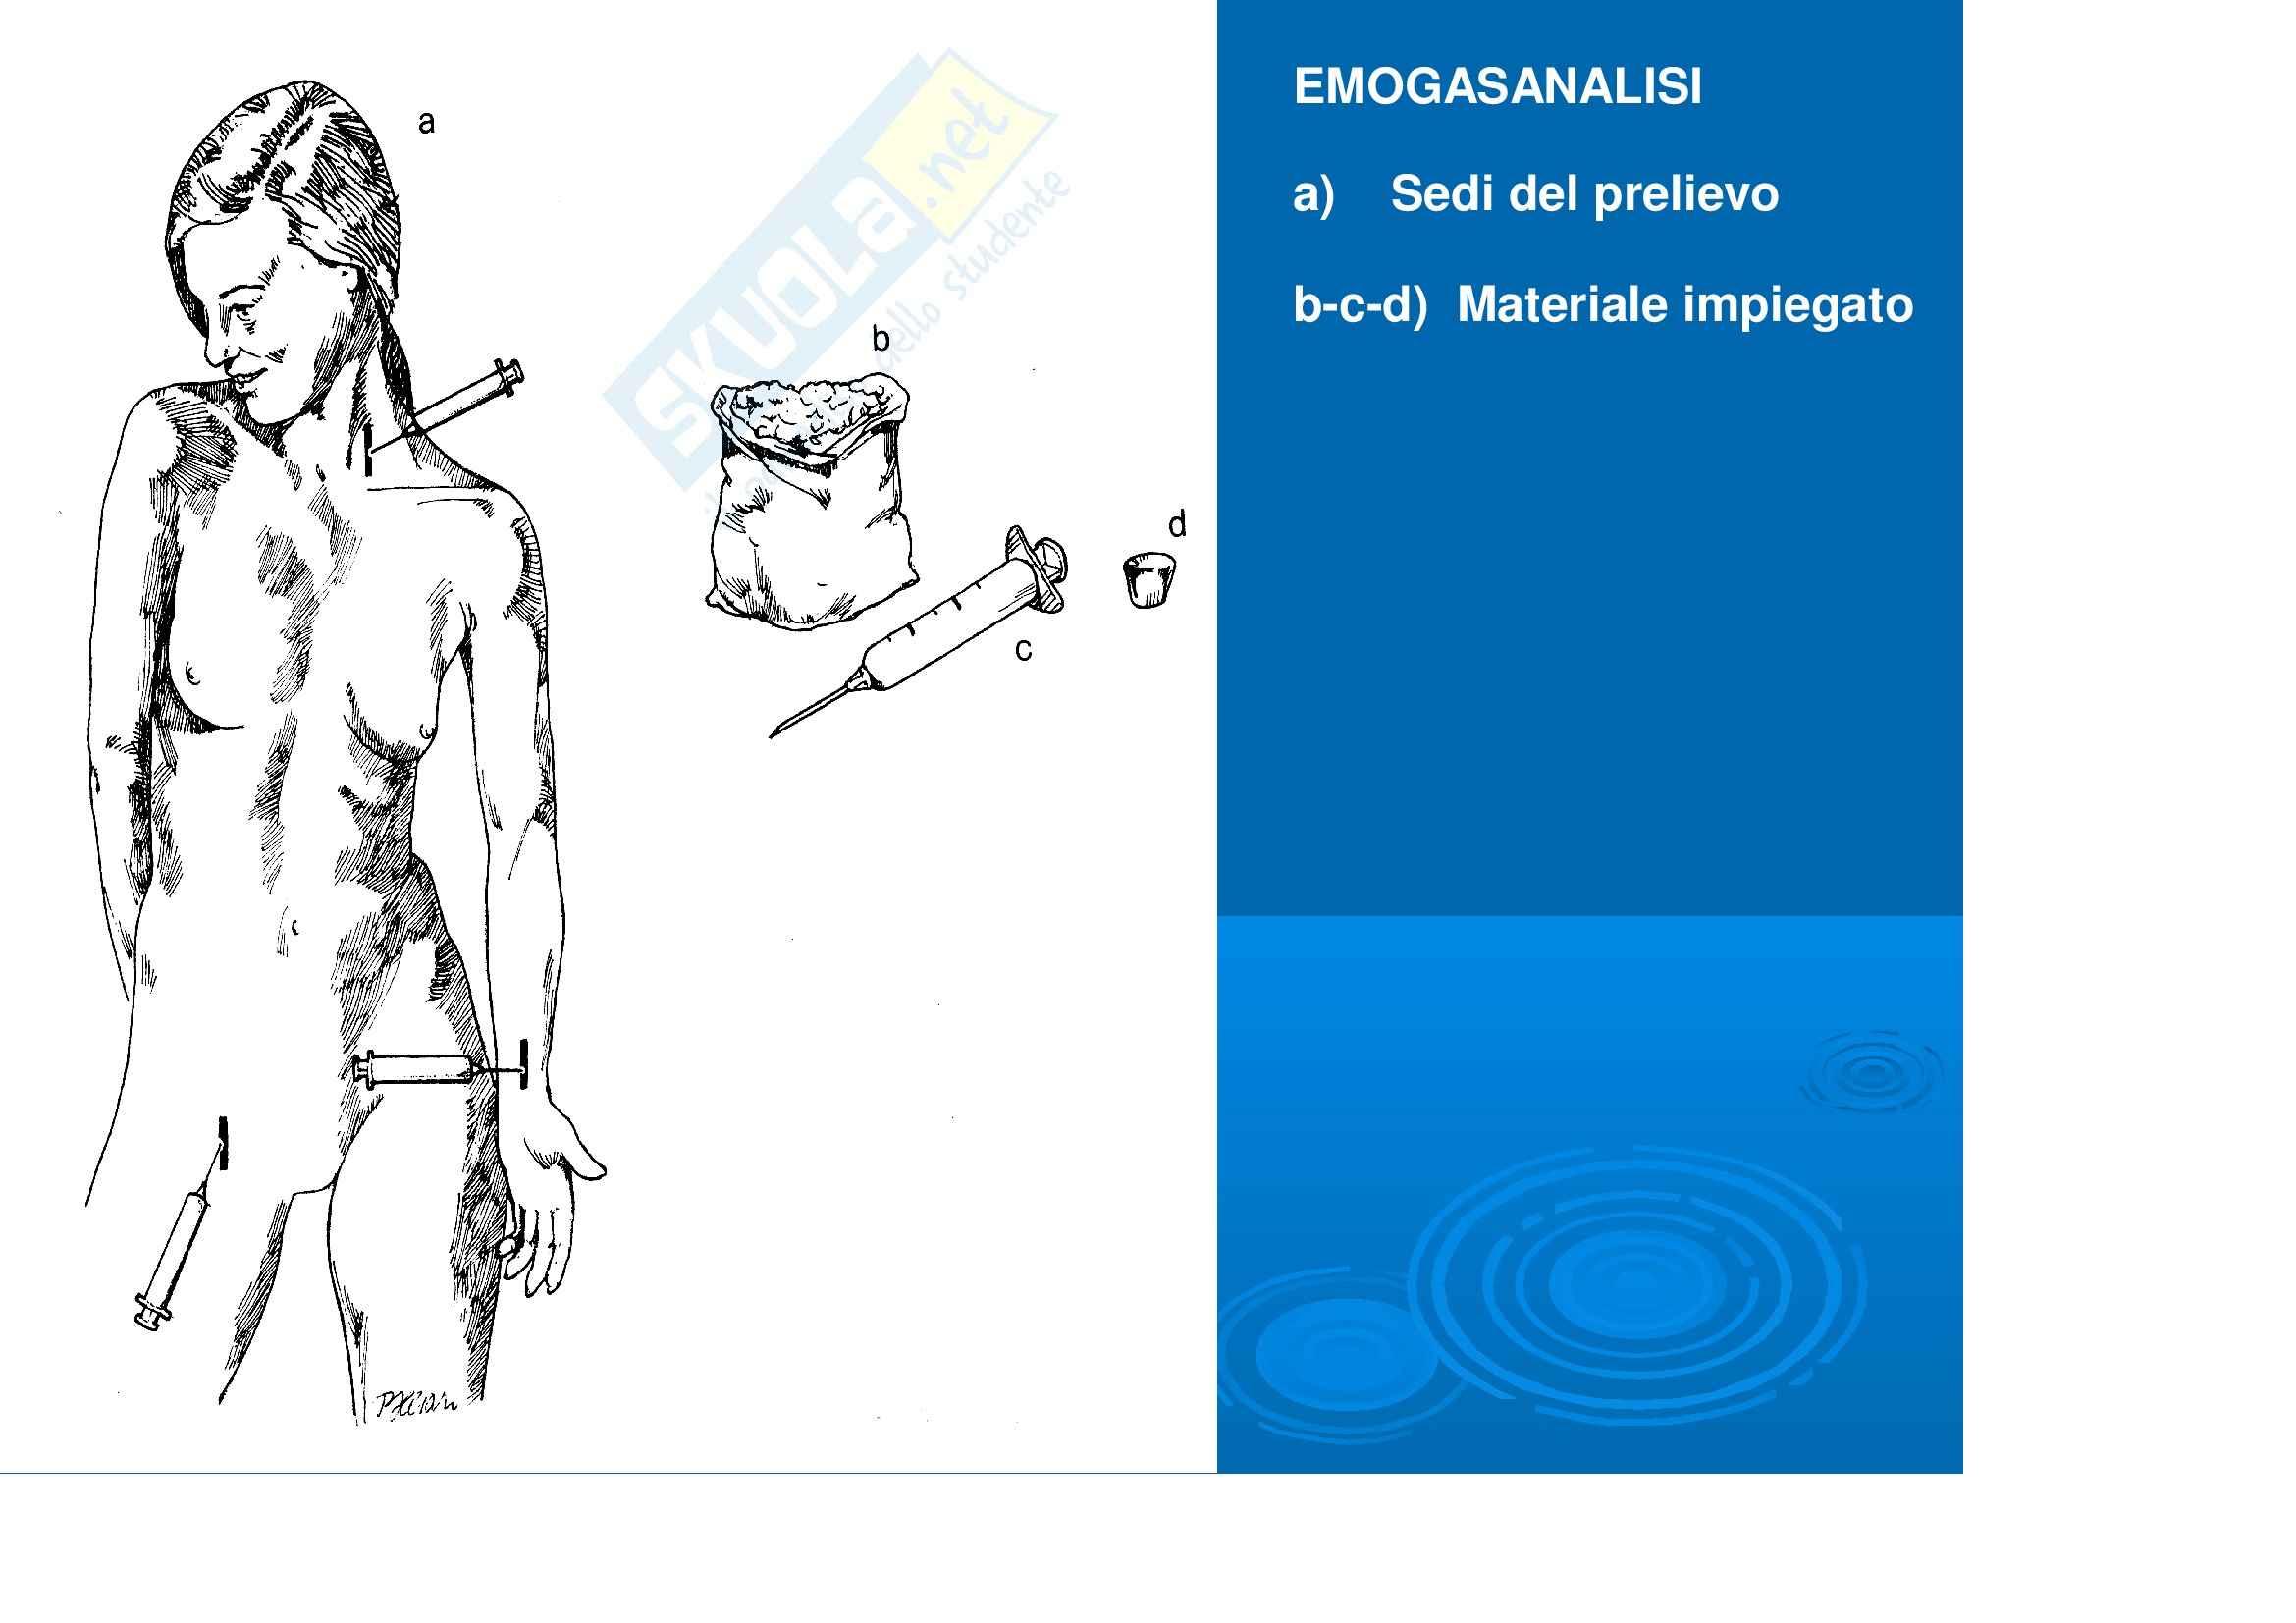 Chirurgia generale - l'emogasanalisi Pag. 6